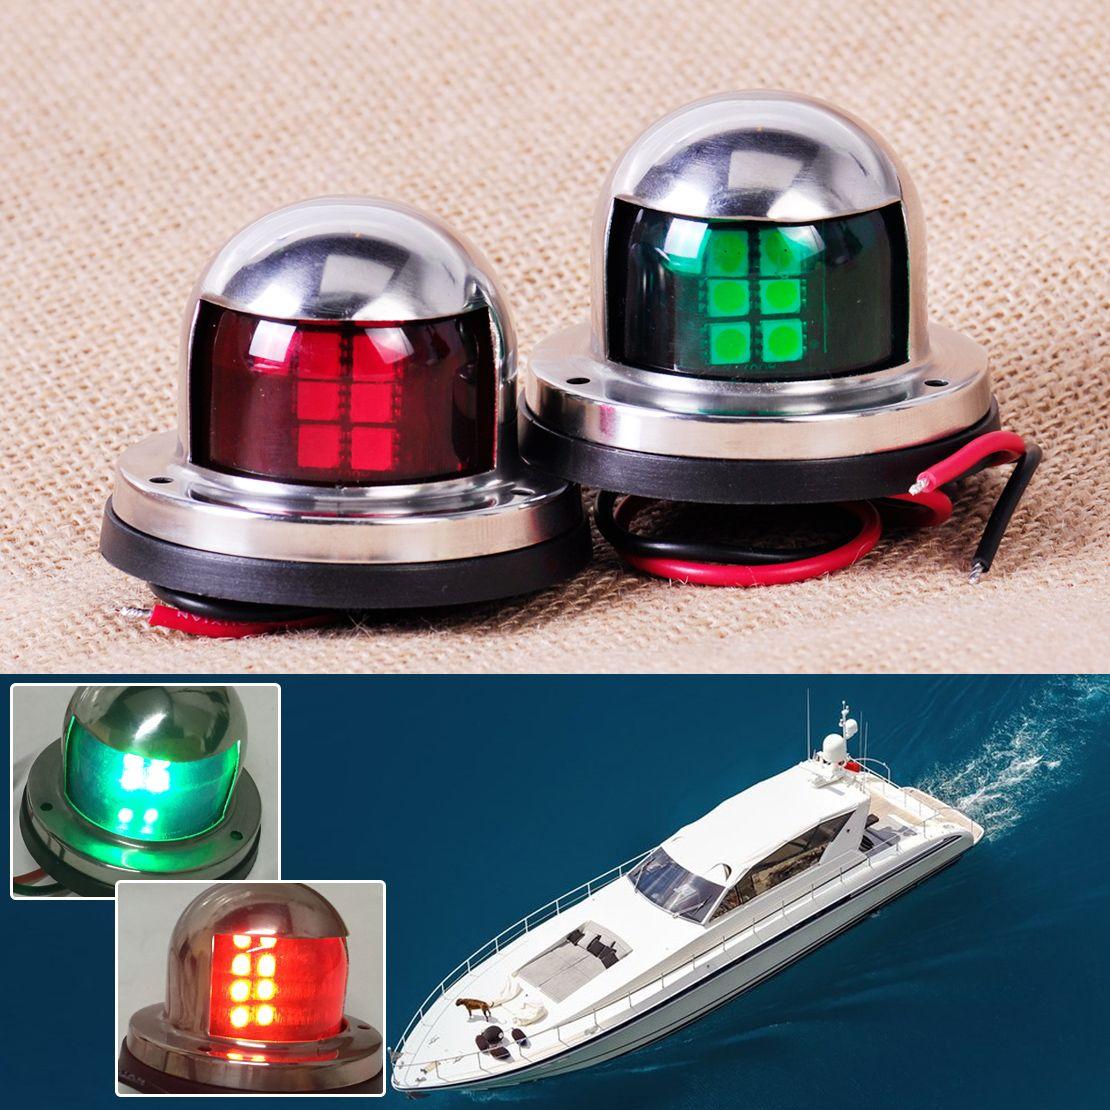 Citall 1 пара Нержавеющаясталь 12 В LED бант навигационные огни красный зеленый парусных световой сигнал для морской яхты